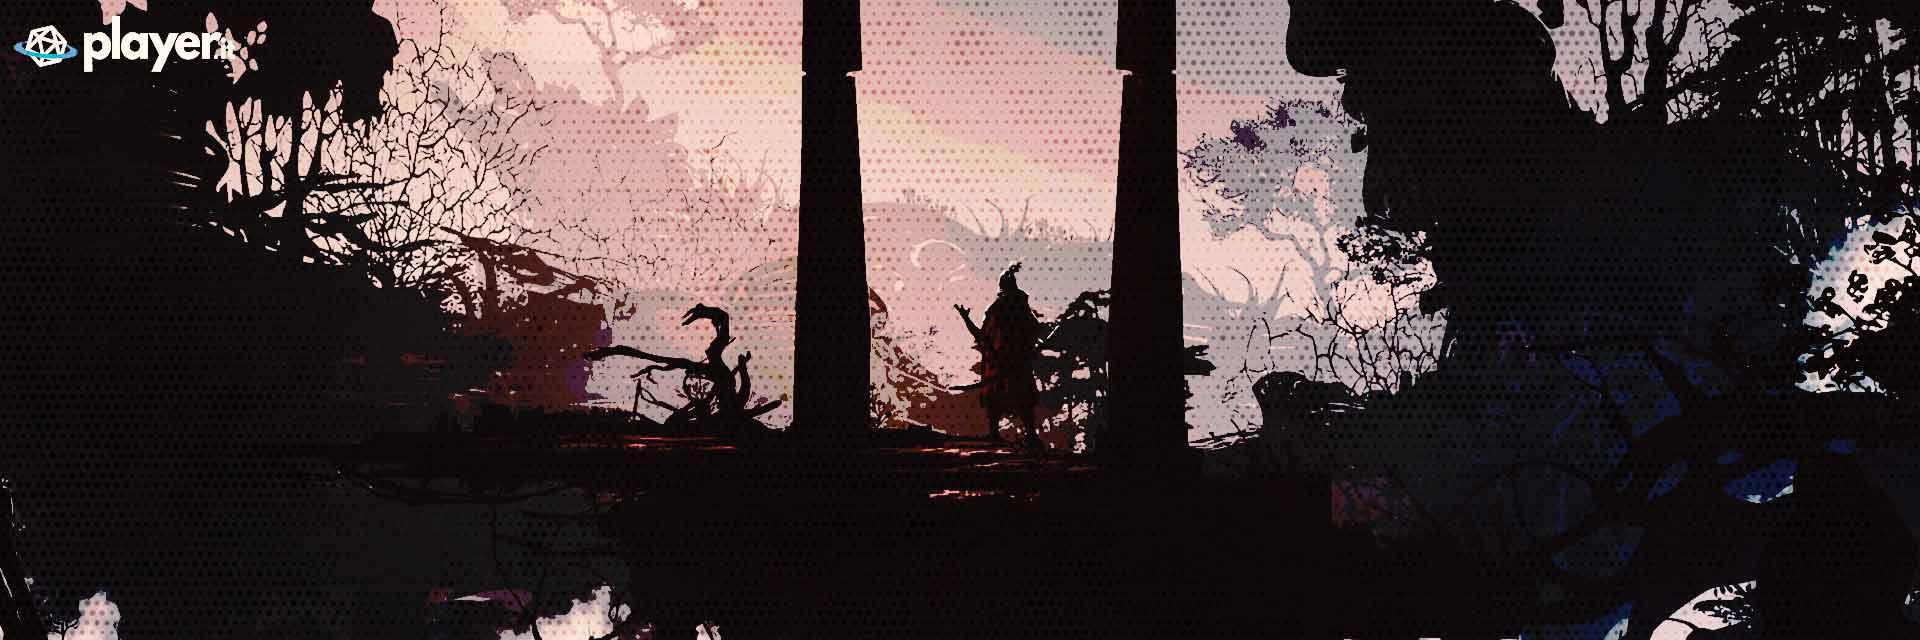 sekiro shadows die twice wallpaper in HD